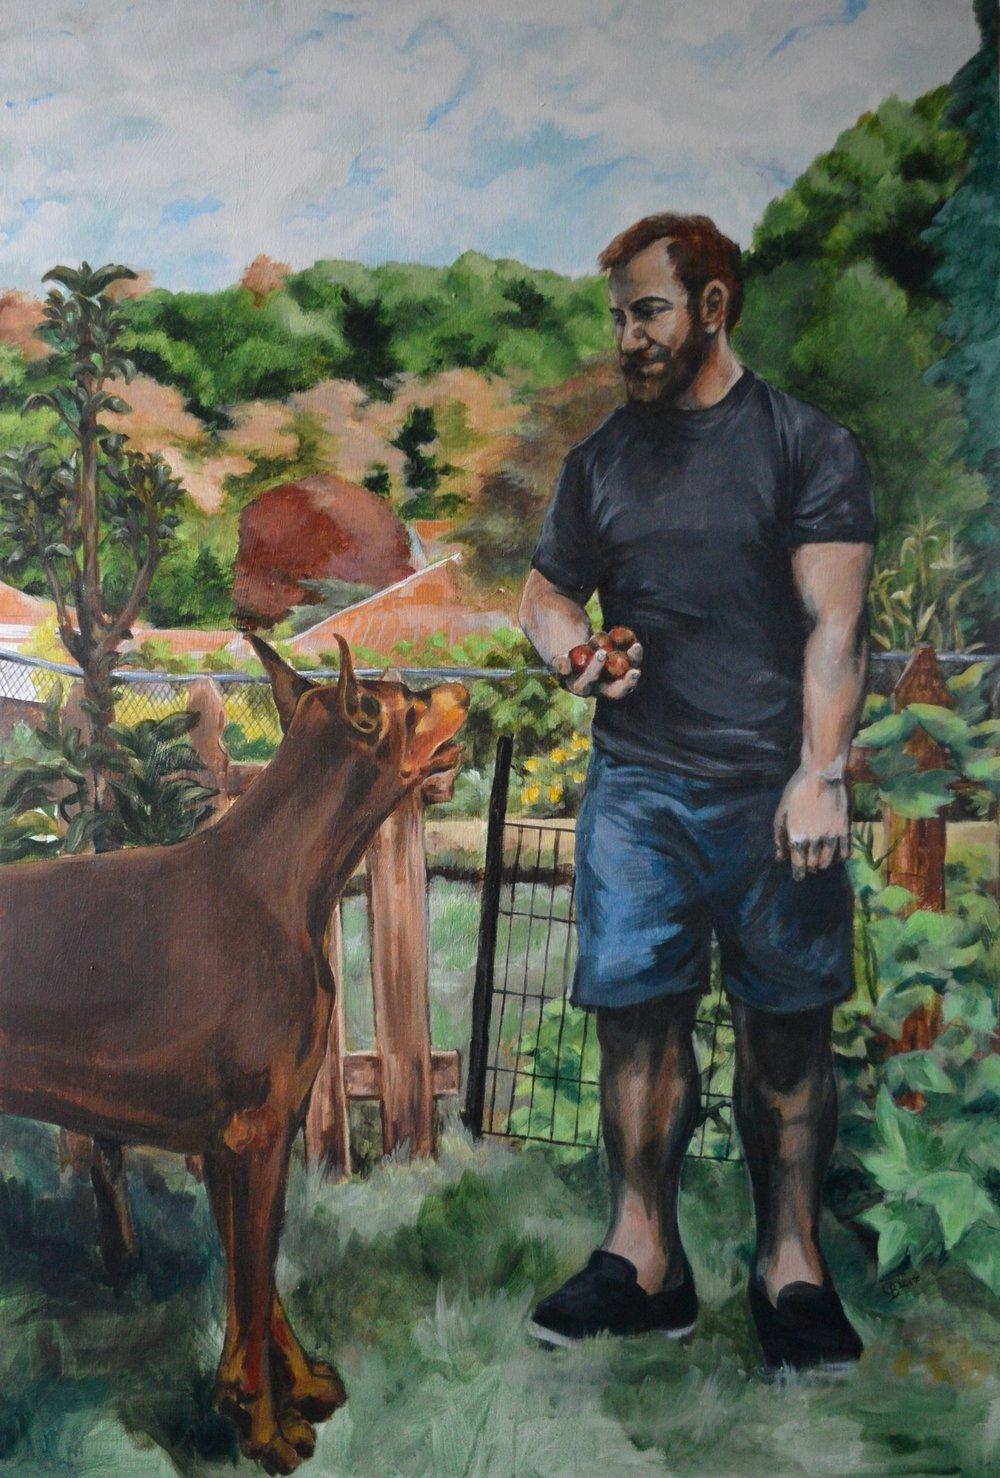 Mishka and Morgan in the garden. Acrylic. 6' x 4'